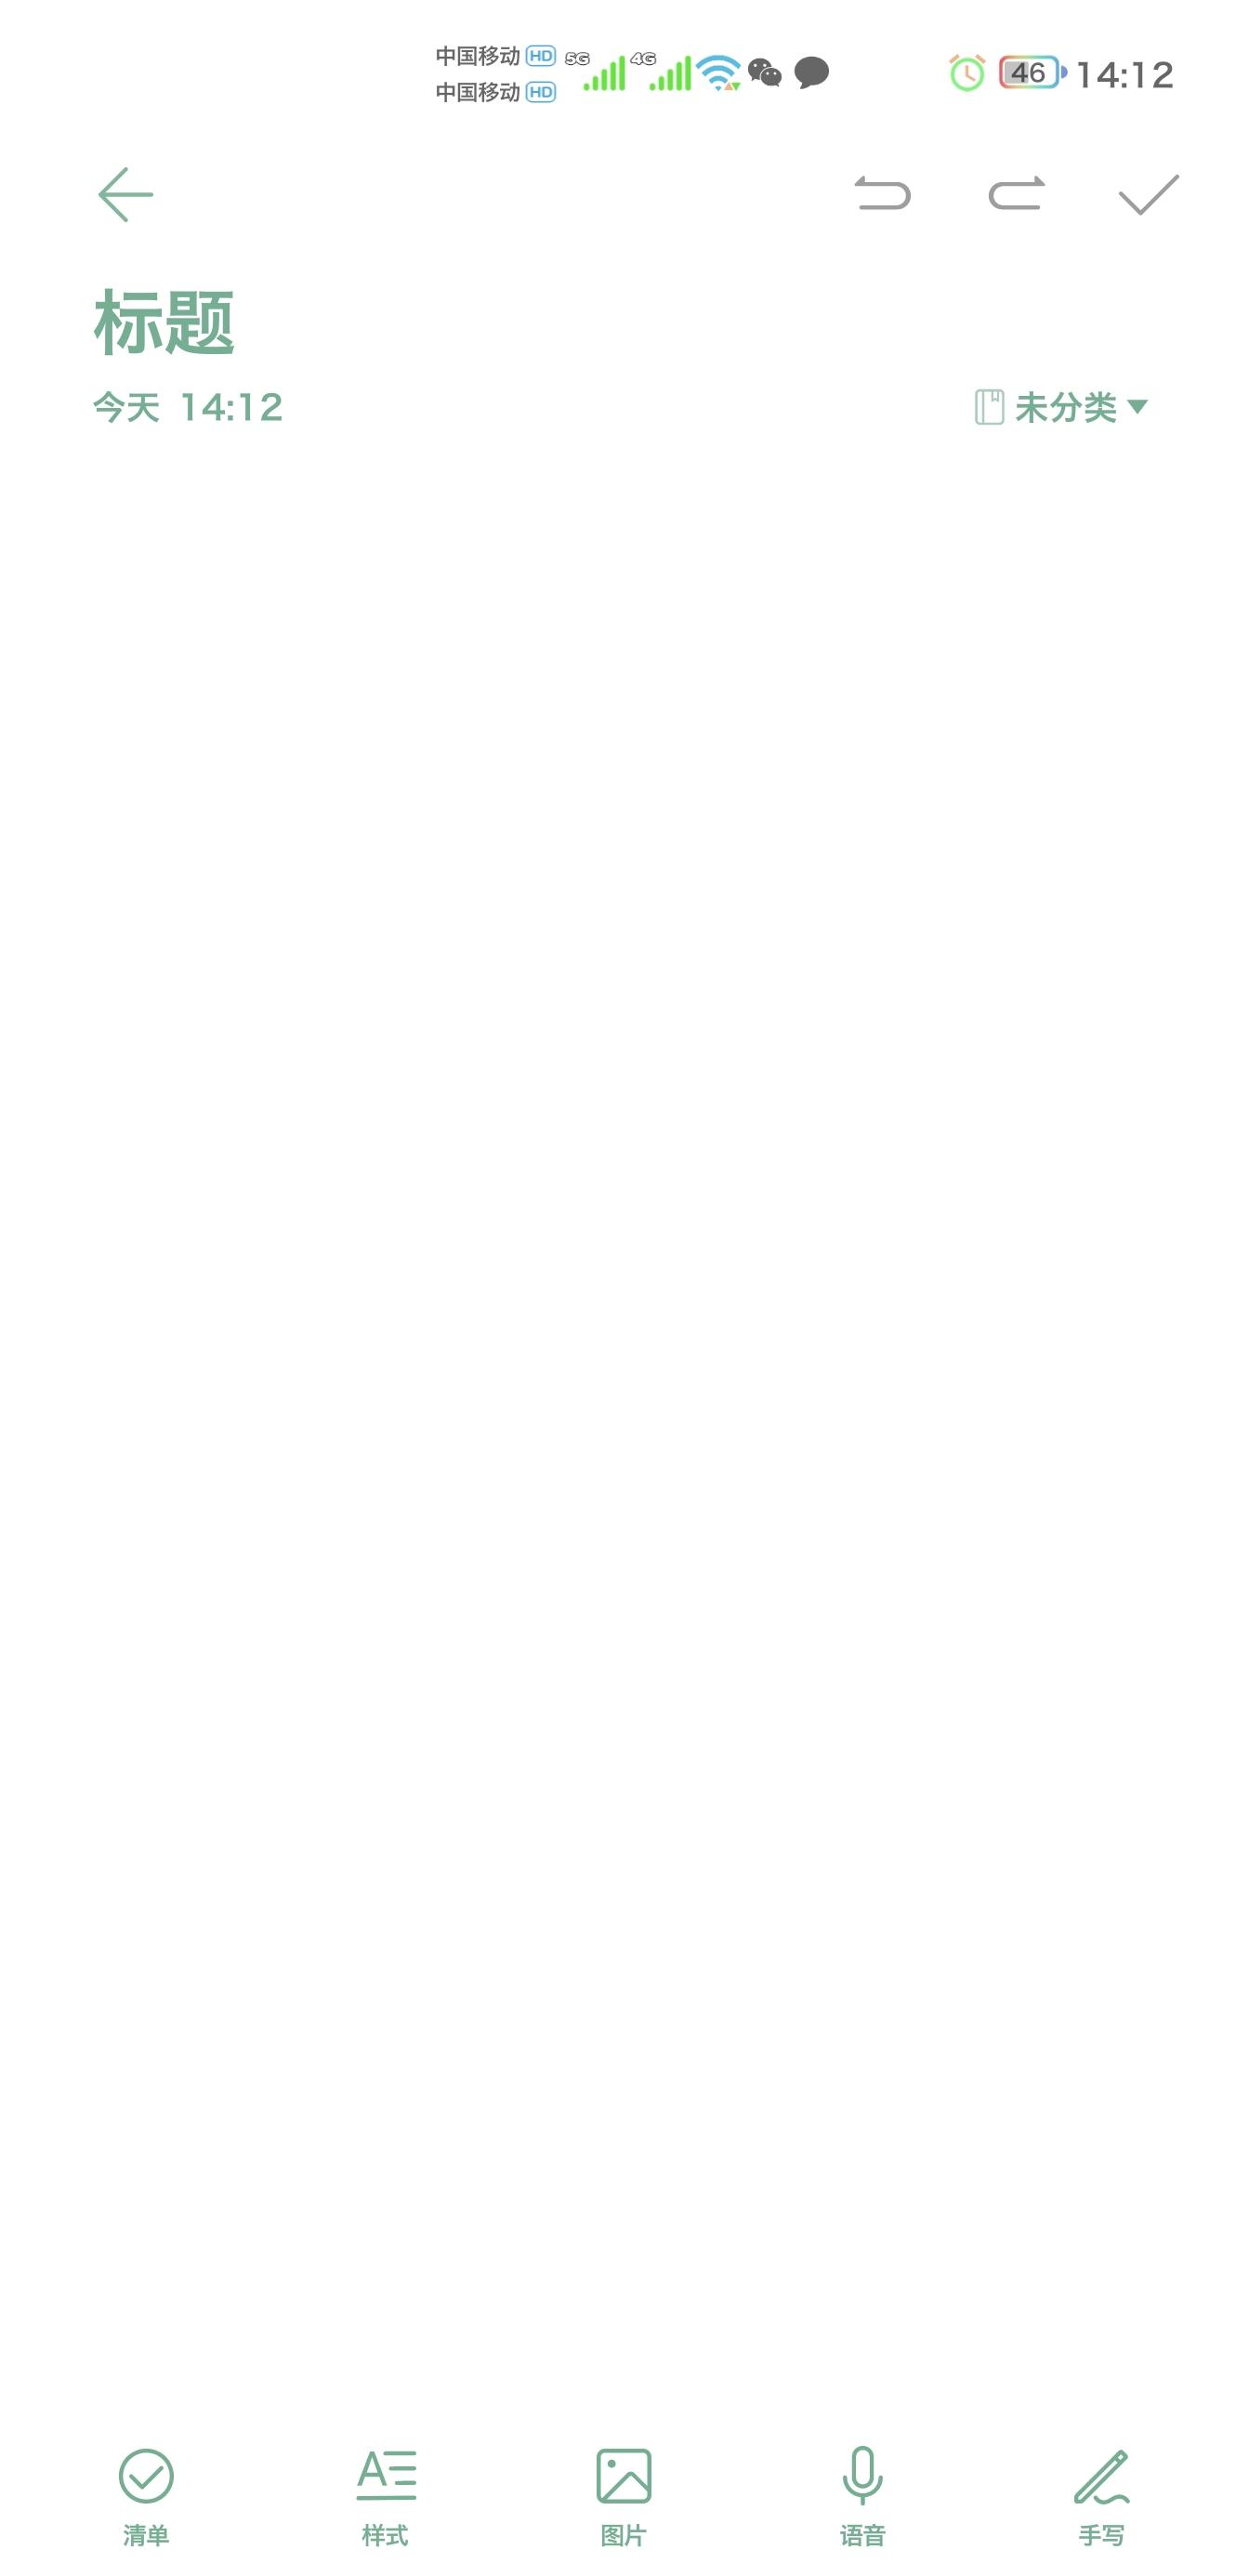 新建文件夹Screenshot_20210101_141254_com.huawei.notepad.jpg